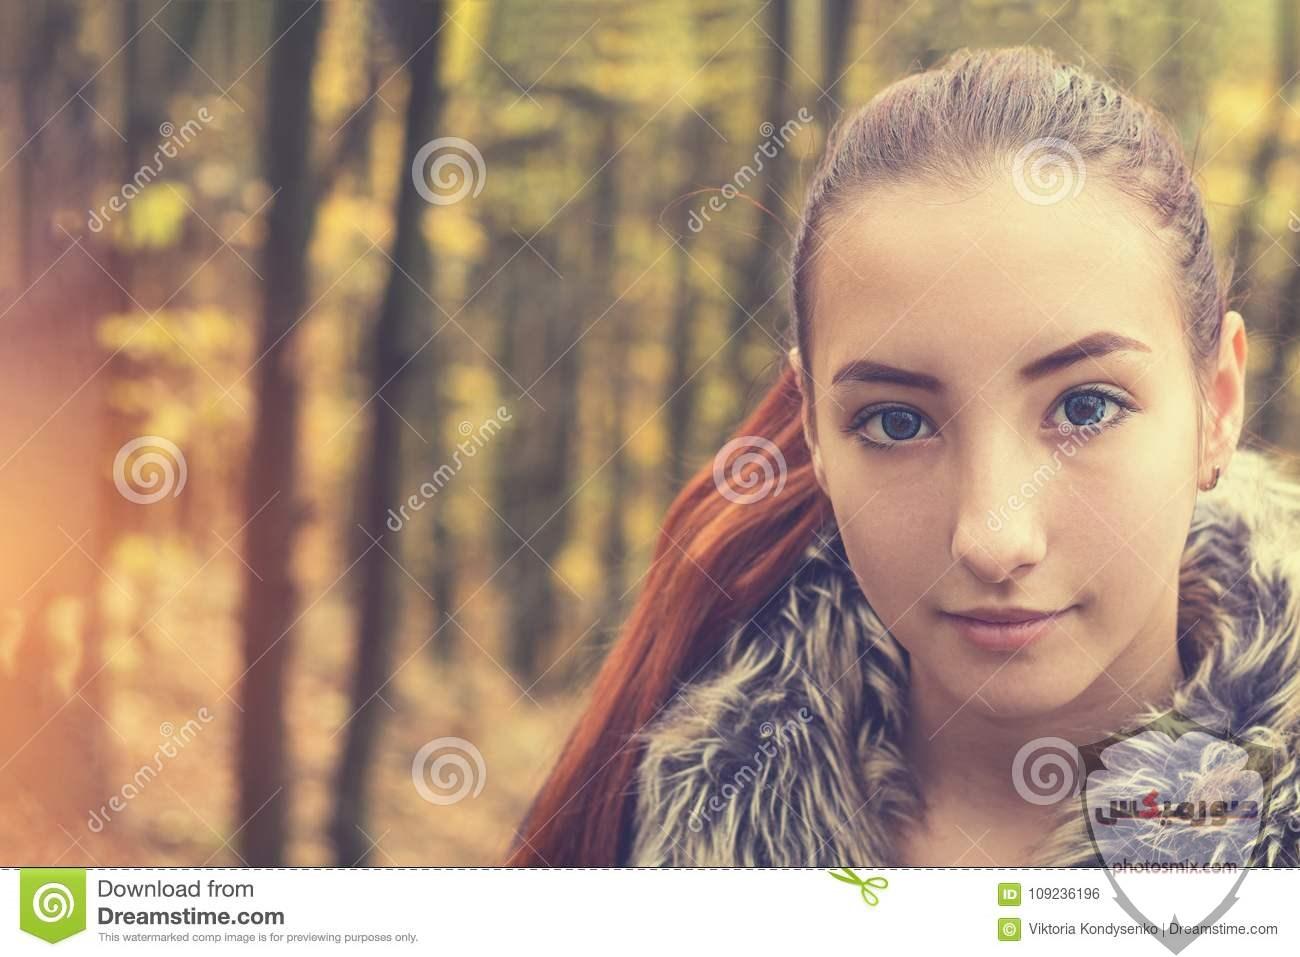 اجمل صور صور جميلة صور جميلة مكتوب عليها اجمل صور خلفيات 2